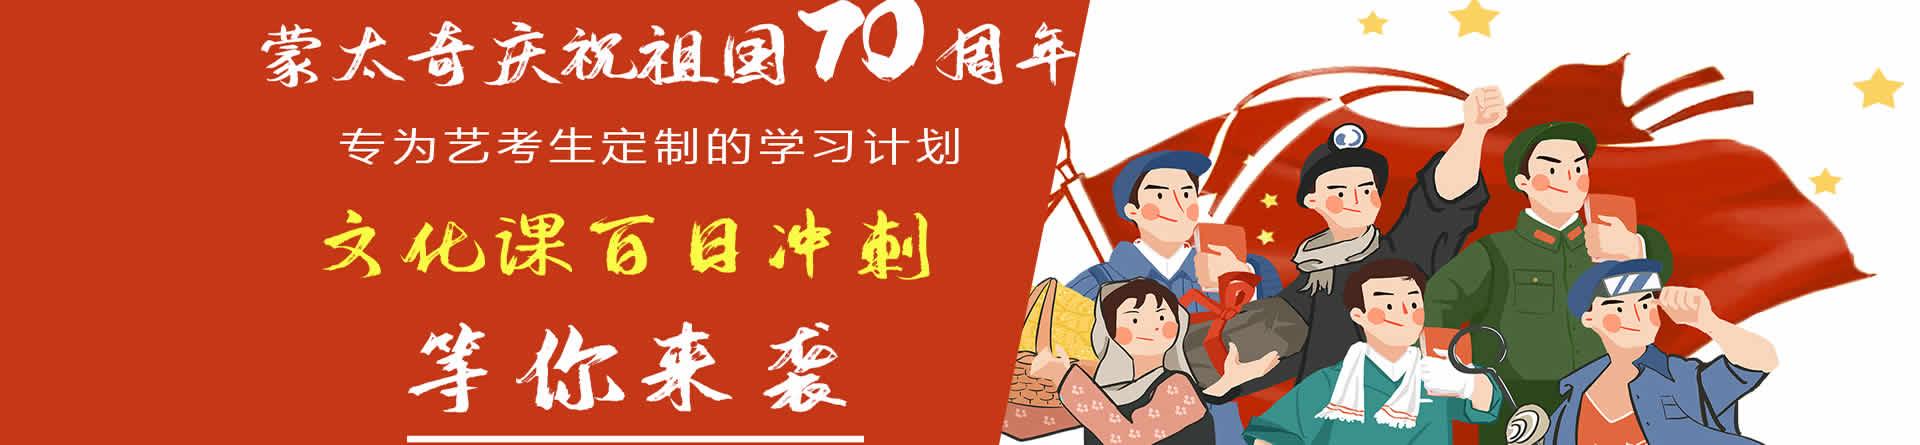 郑州蒙太奇艺考培训学校